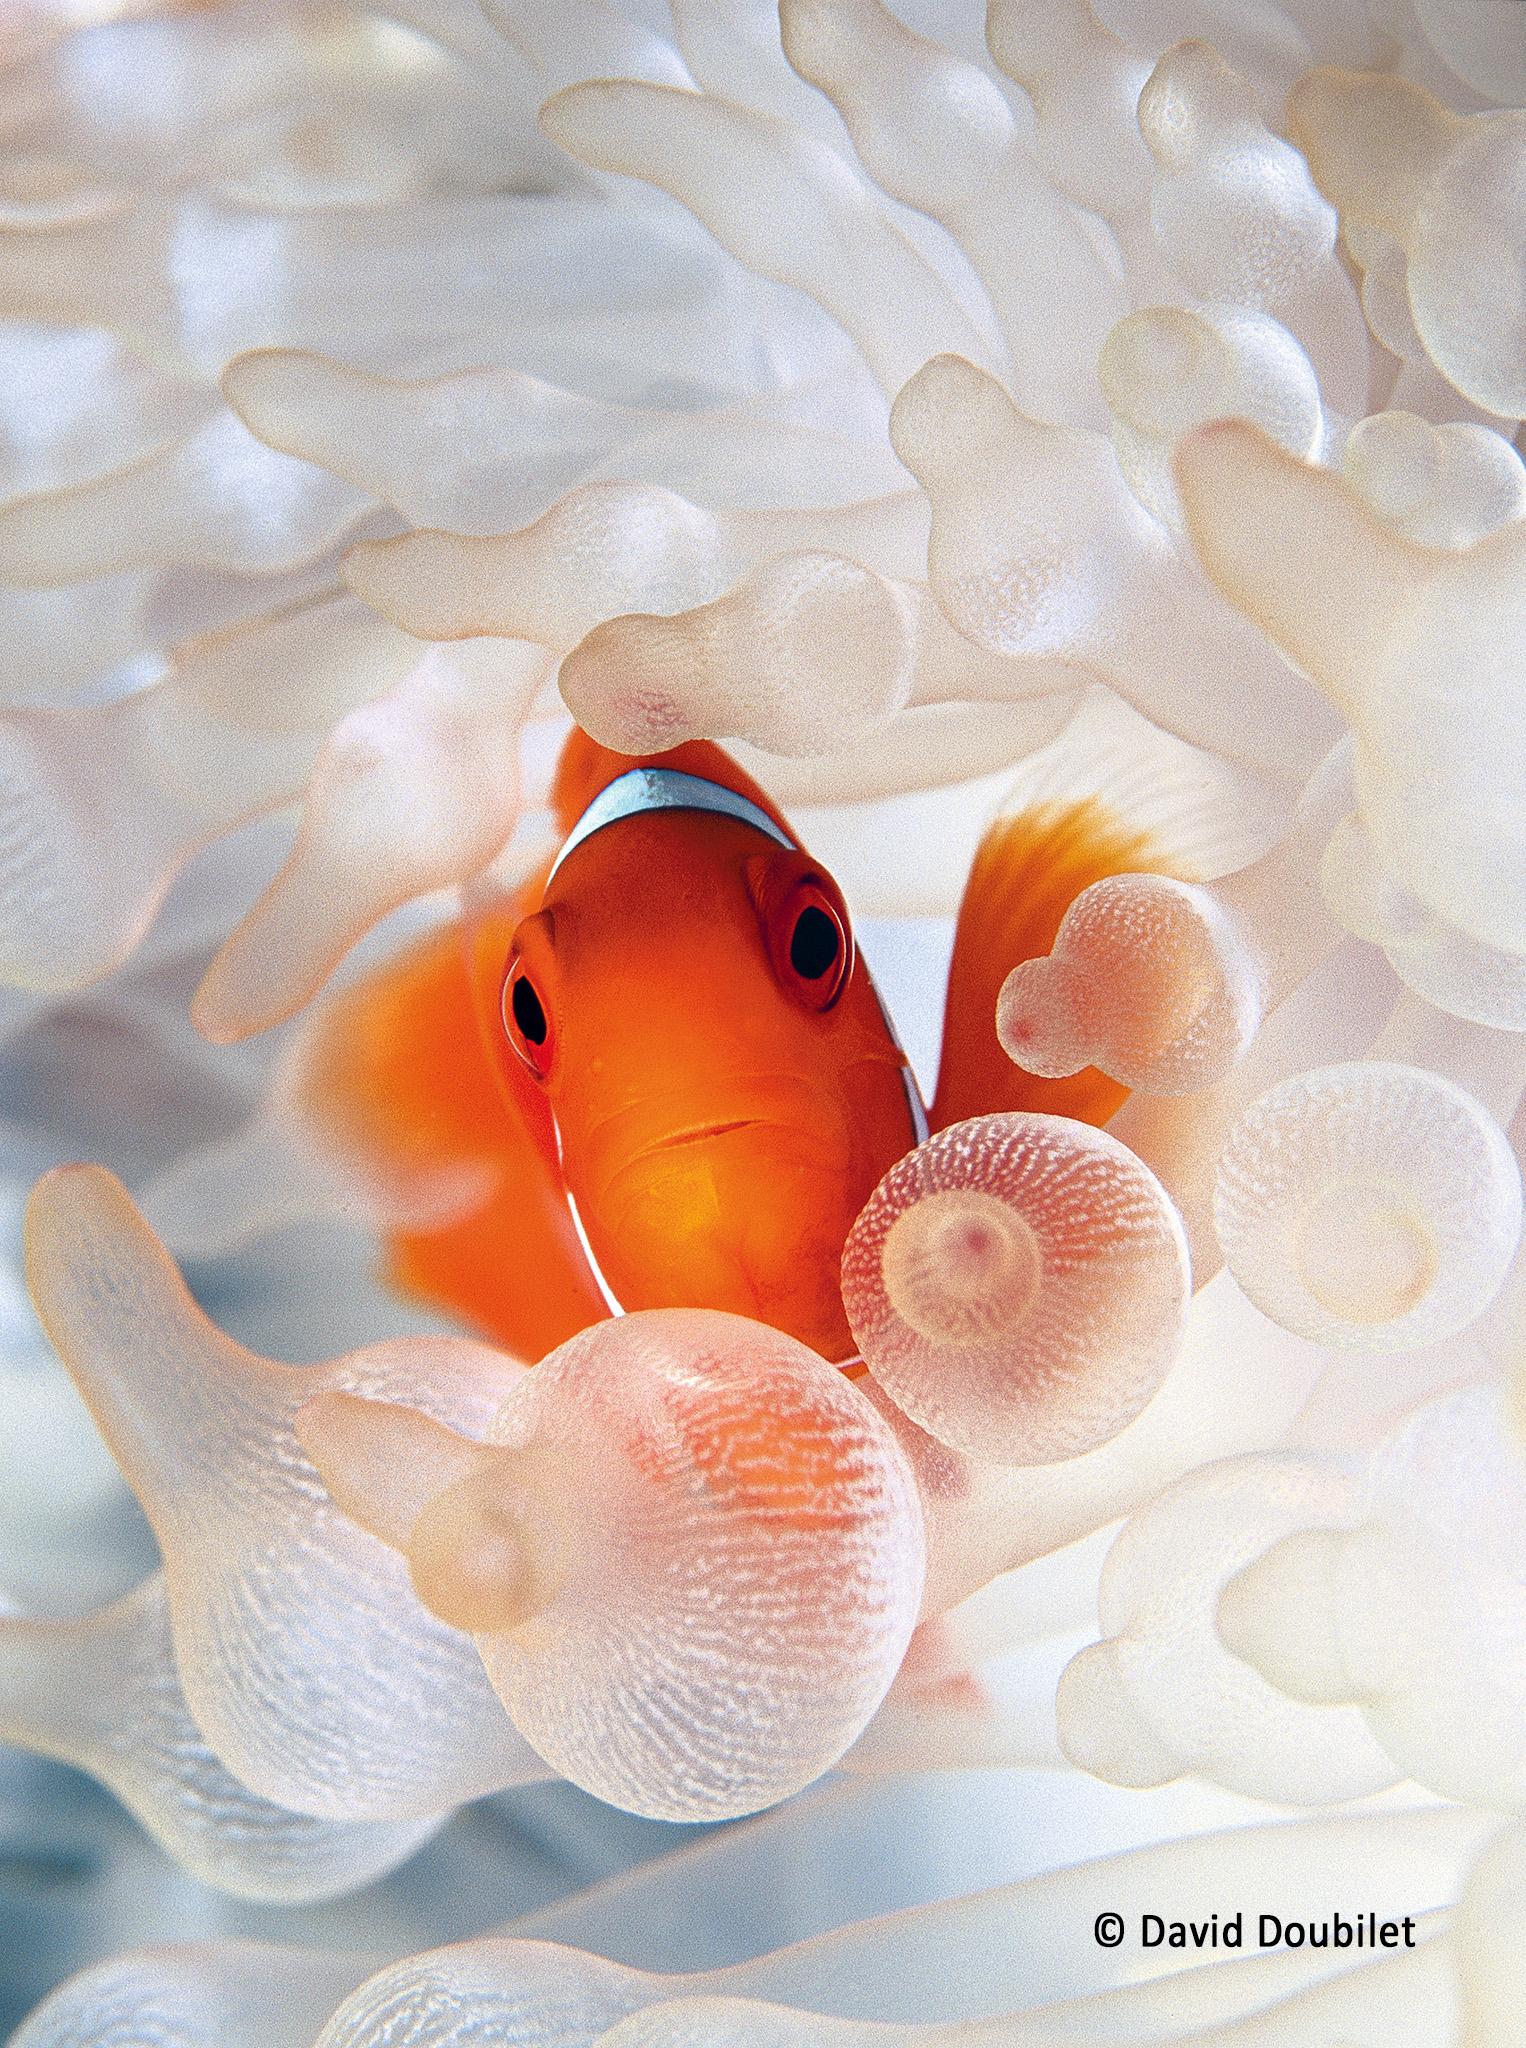 Portrait d'un clown. Un poisson-clown à joues épineuses (Premnas biaculeatus) cherche une protection parmi les tentacules de son anémone-hôte, dans la baie de Kimbe, en Papouasie-Nouvelle-Guinée. De manière unique, ce poisson-clown est immunisé contre les tentacules toxiques et il protège agressivement l'anémone de ses prédateurs. En échange, l'anémone lui fournit un refuge aux différents stades de sa vie (adulte, juvénile, œufs). L'anémone est d'un blanc brillant car elle a perdu son algue symbiotique en raison de la hausse de la température de l'eau.